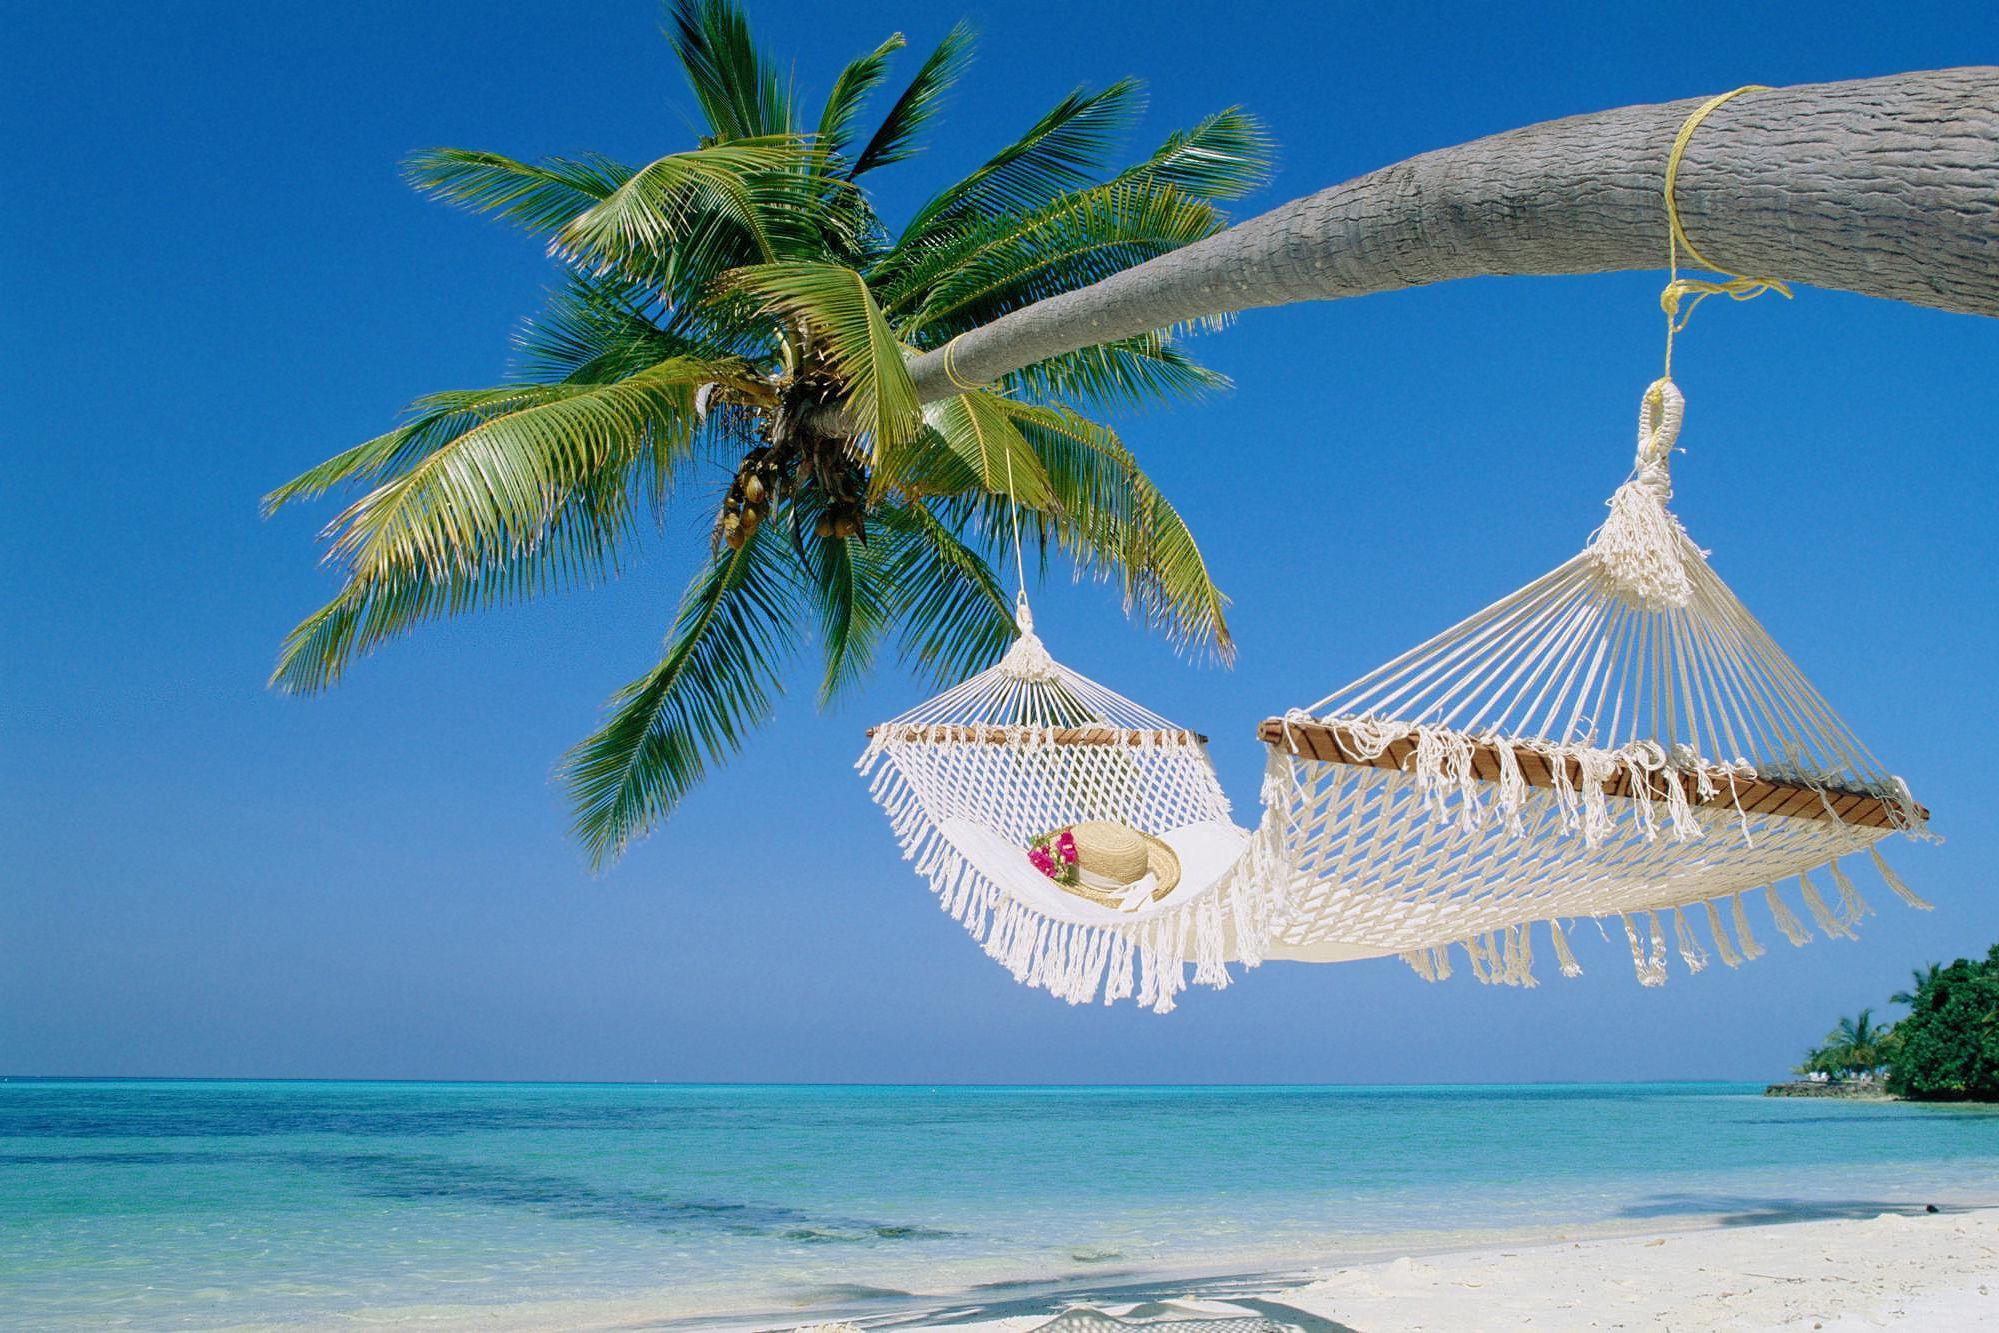 hammock on palmjpg JPEG pilt 1999 1333 pikslit   Skaleeritud 1999x1333